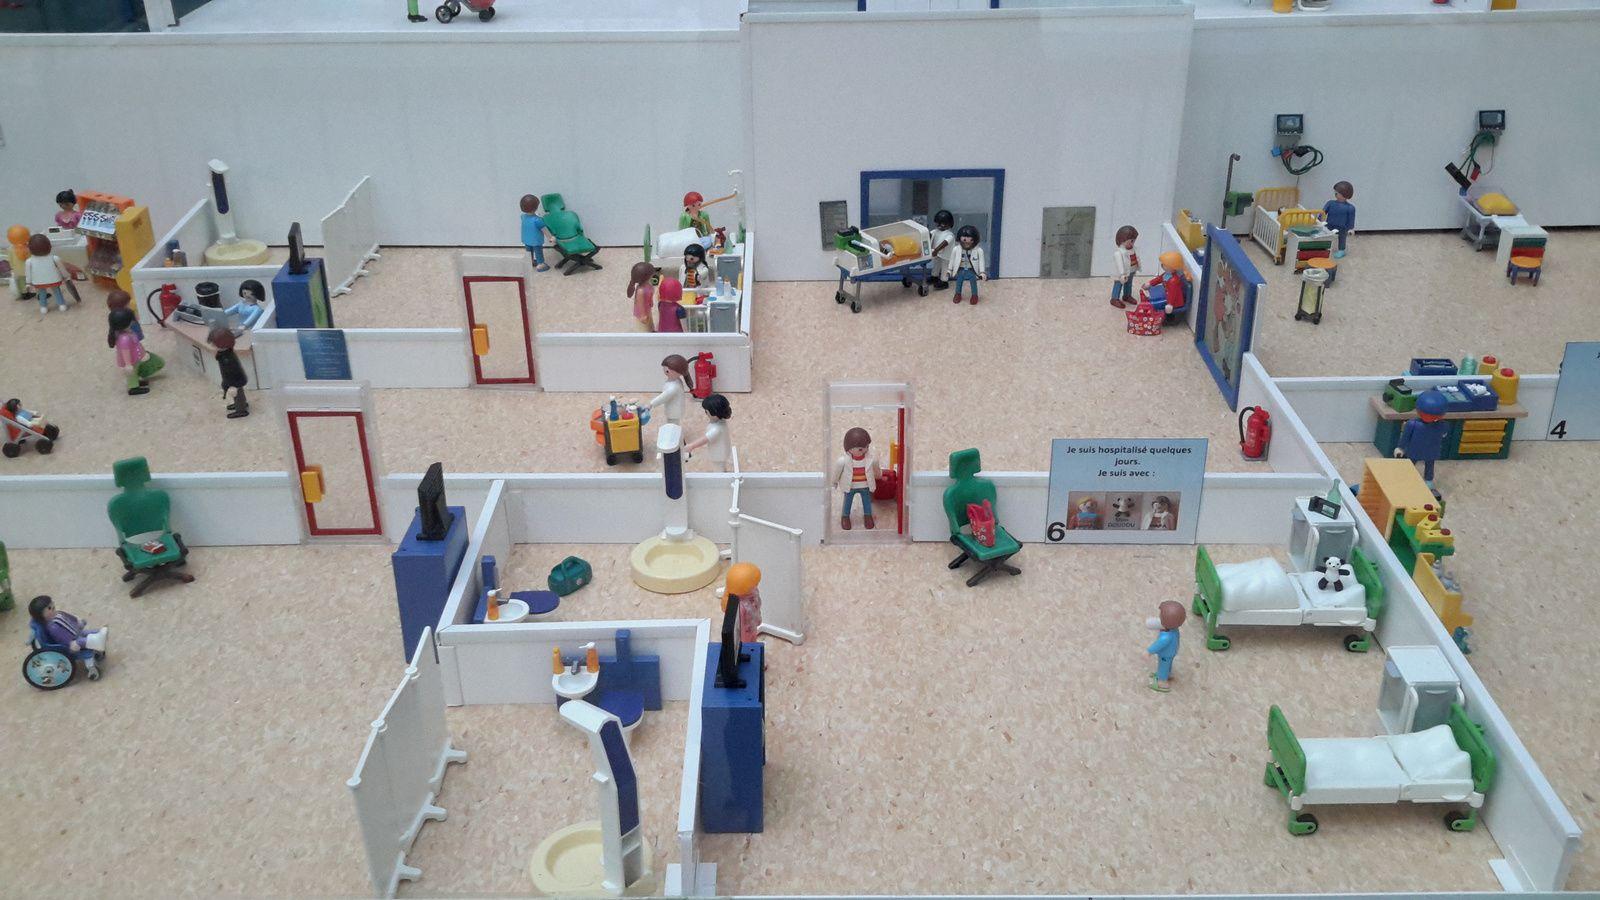 Redonnons le sourire aux enfants hospitalisés (Hôpital Robert-Debré Paris)